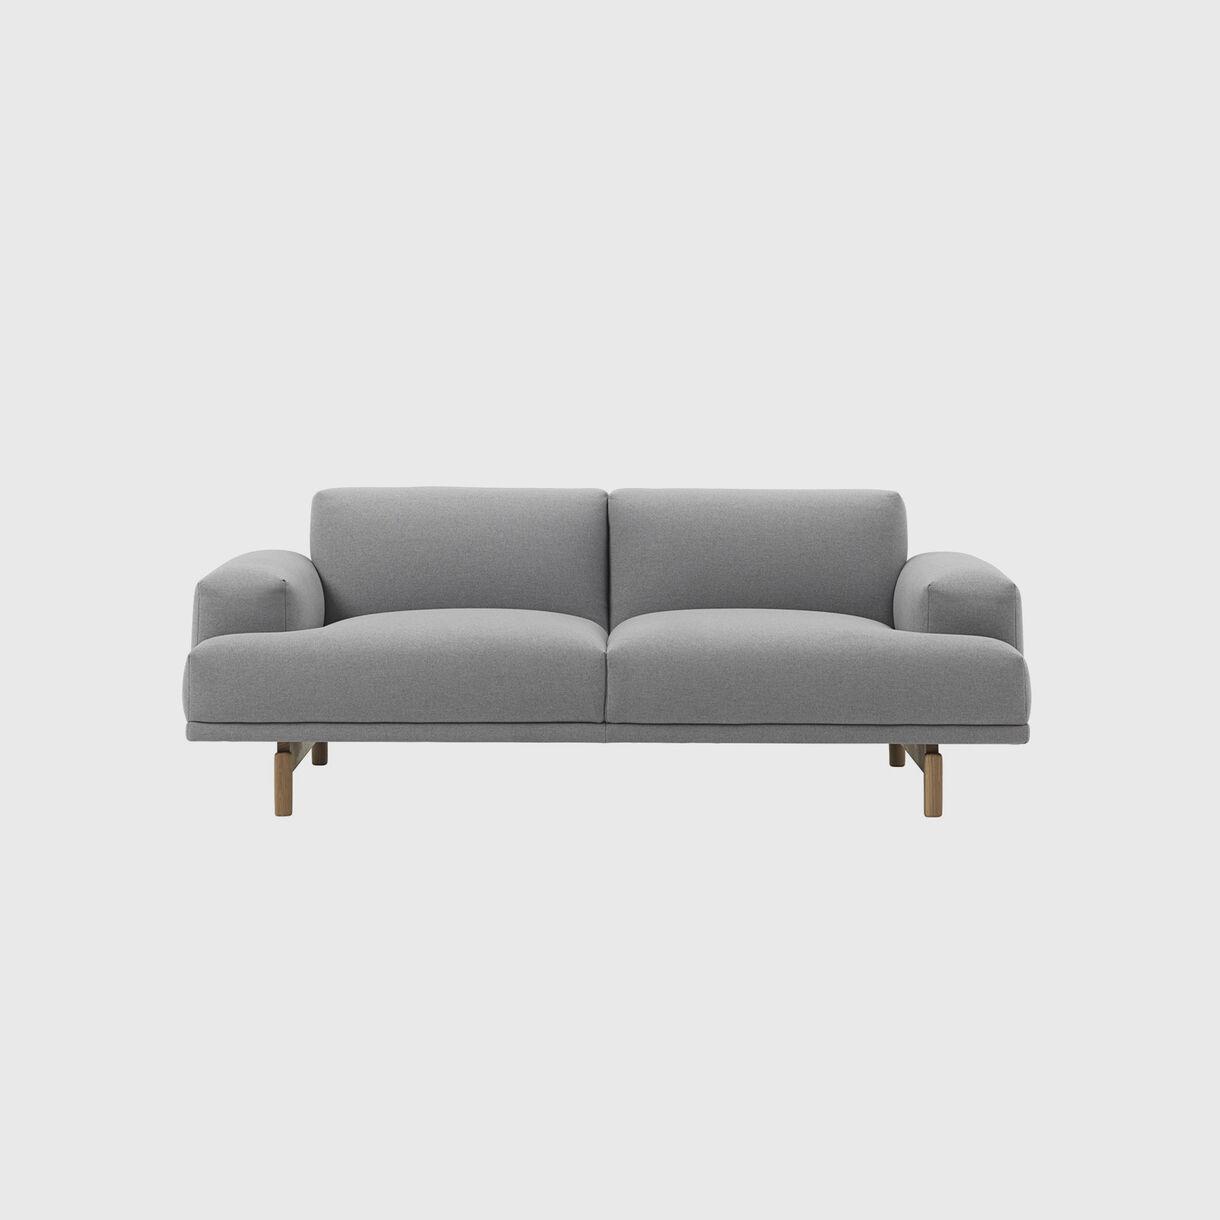 Compose Sofa, 2 Seater, Modesto Steingrau